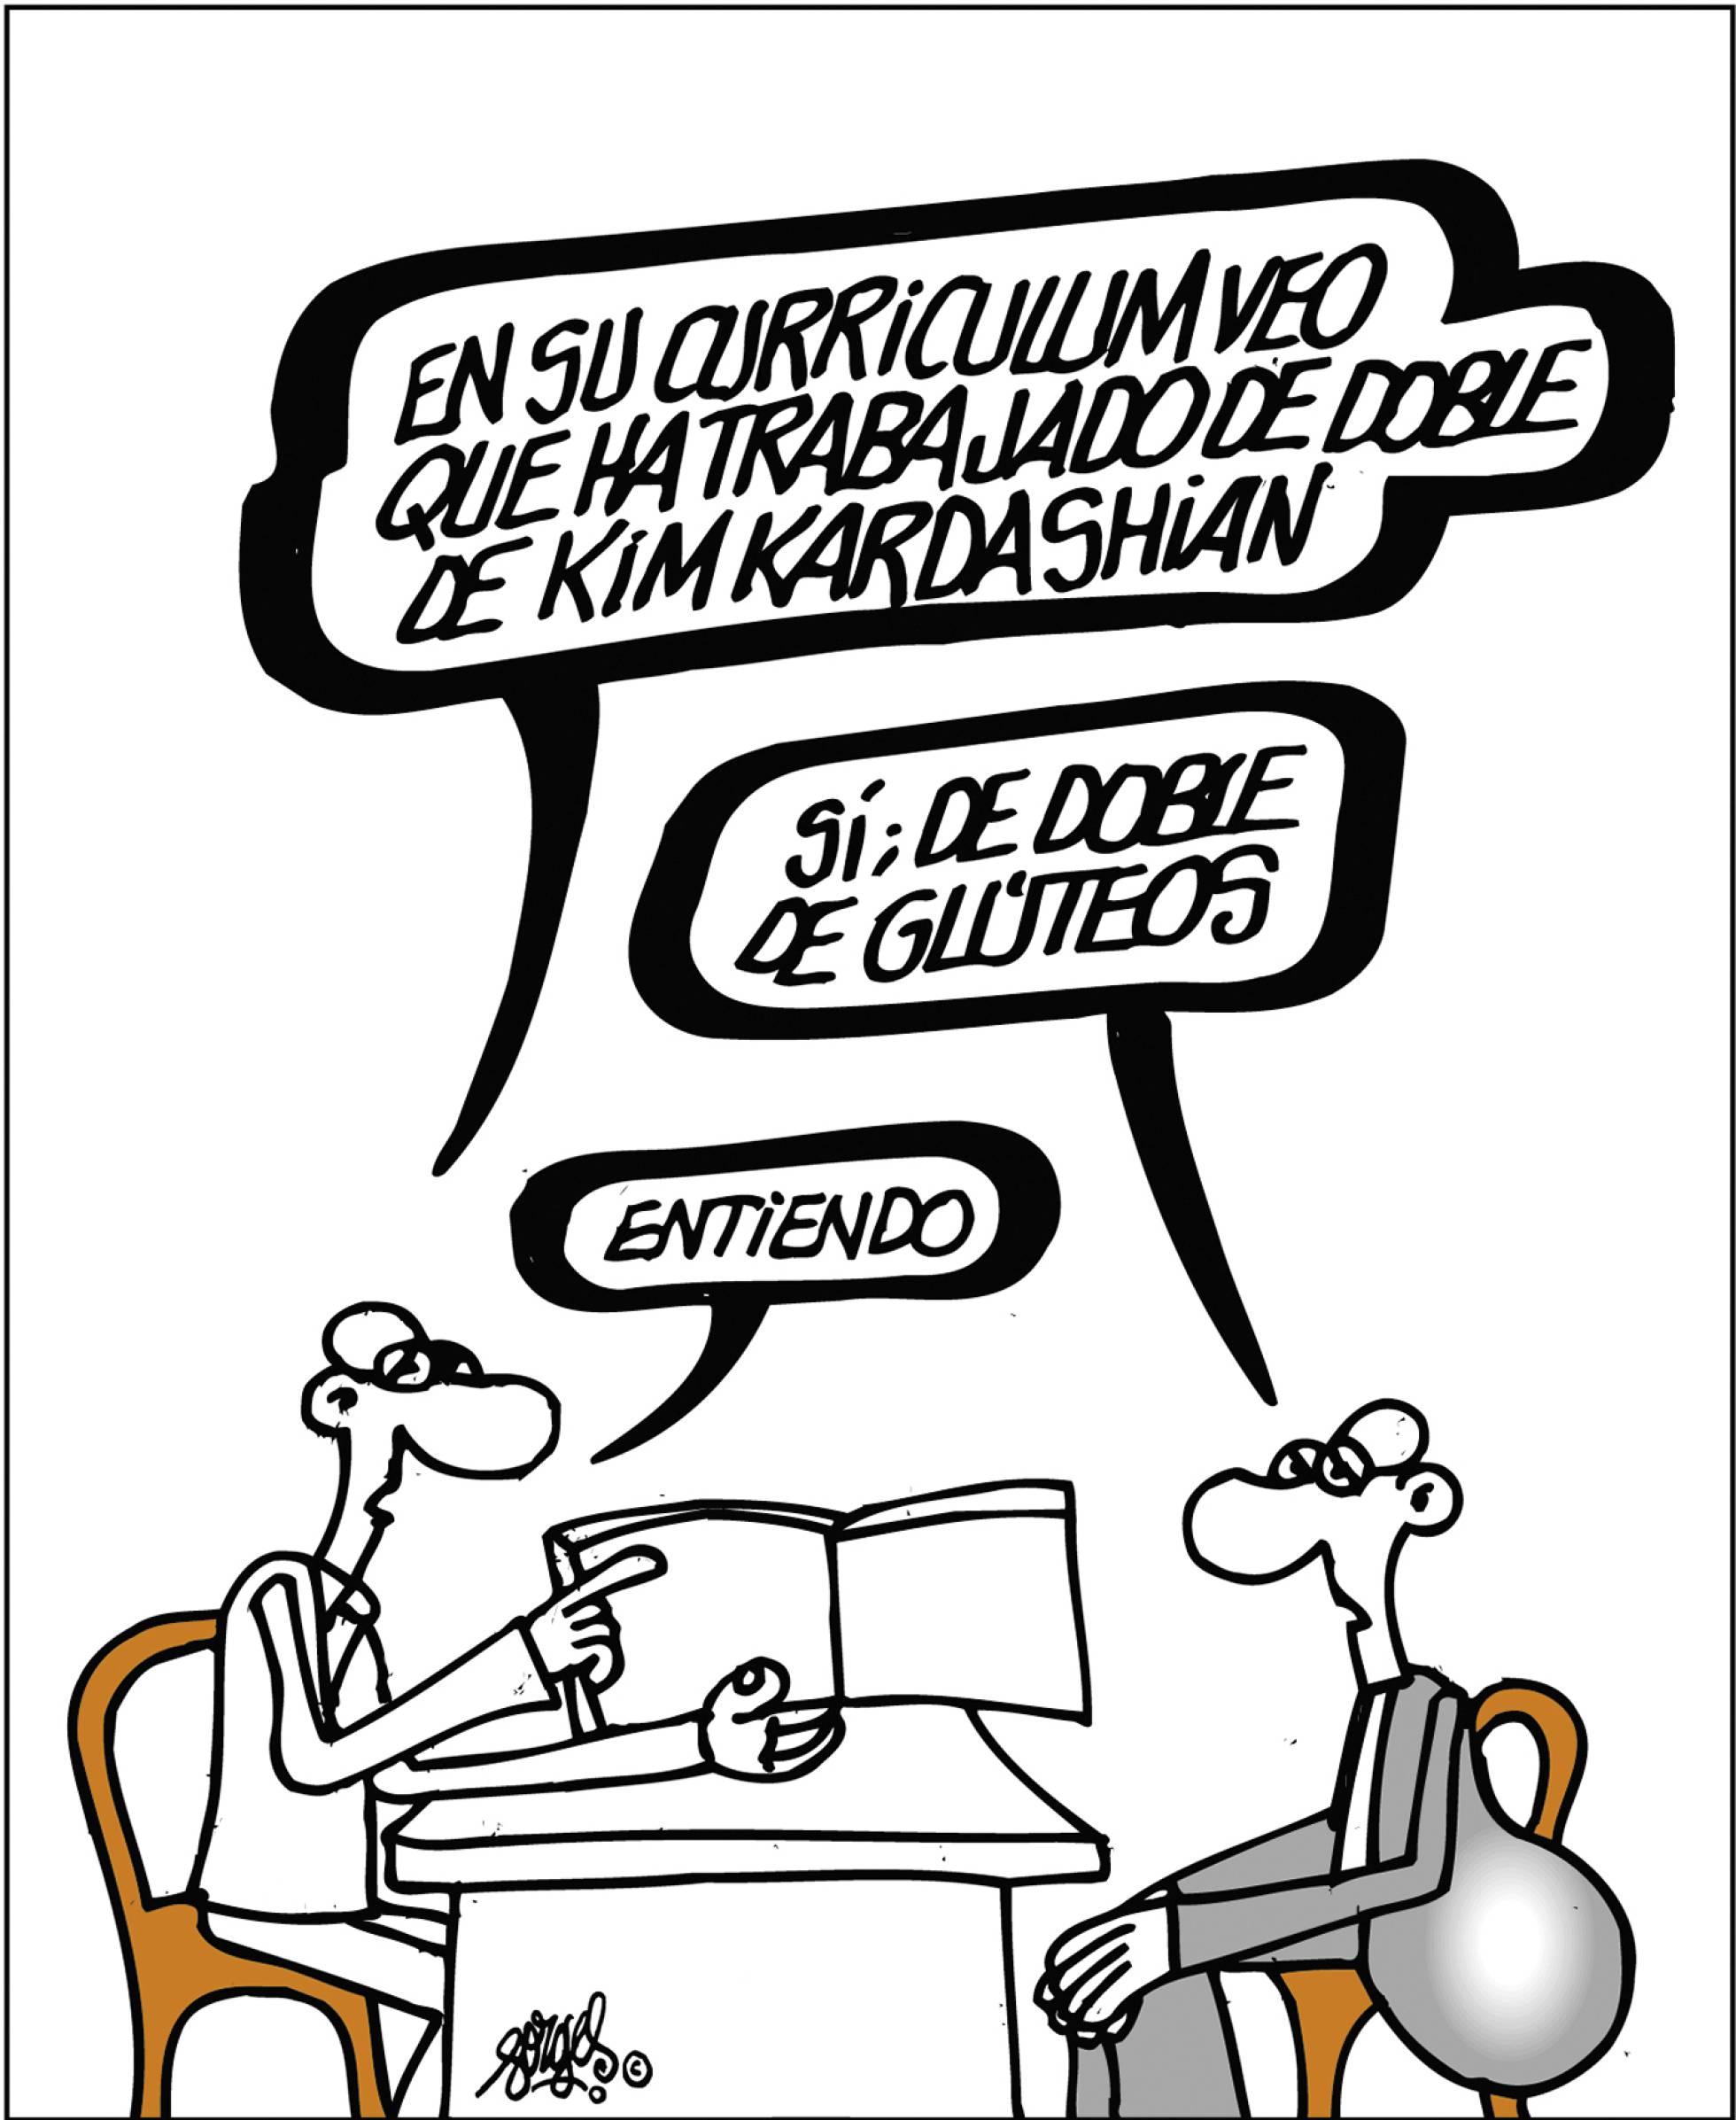 Forges, El País, 28/06/2017